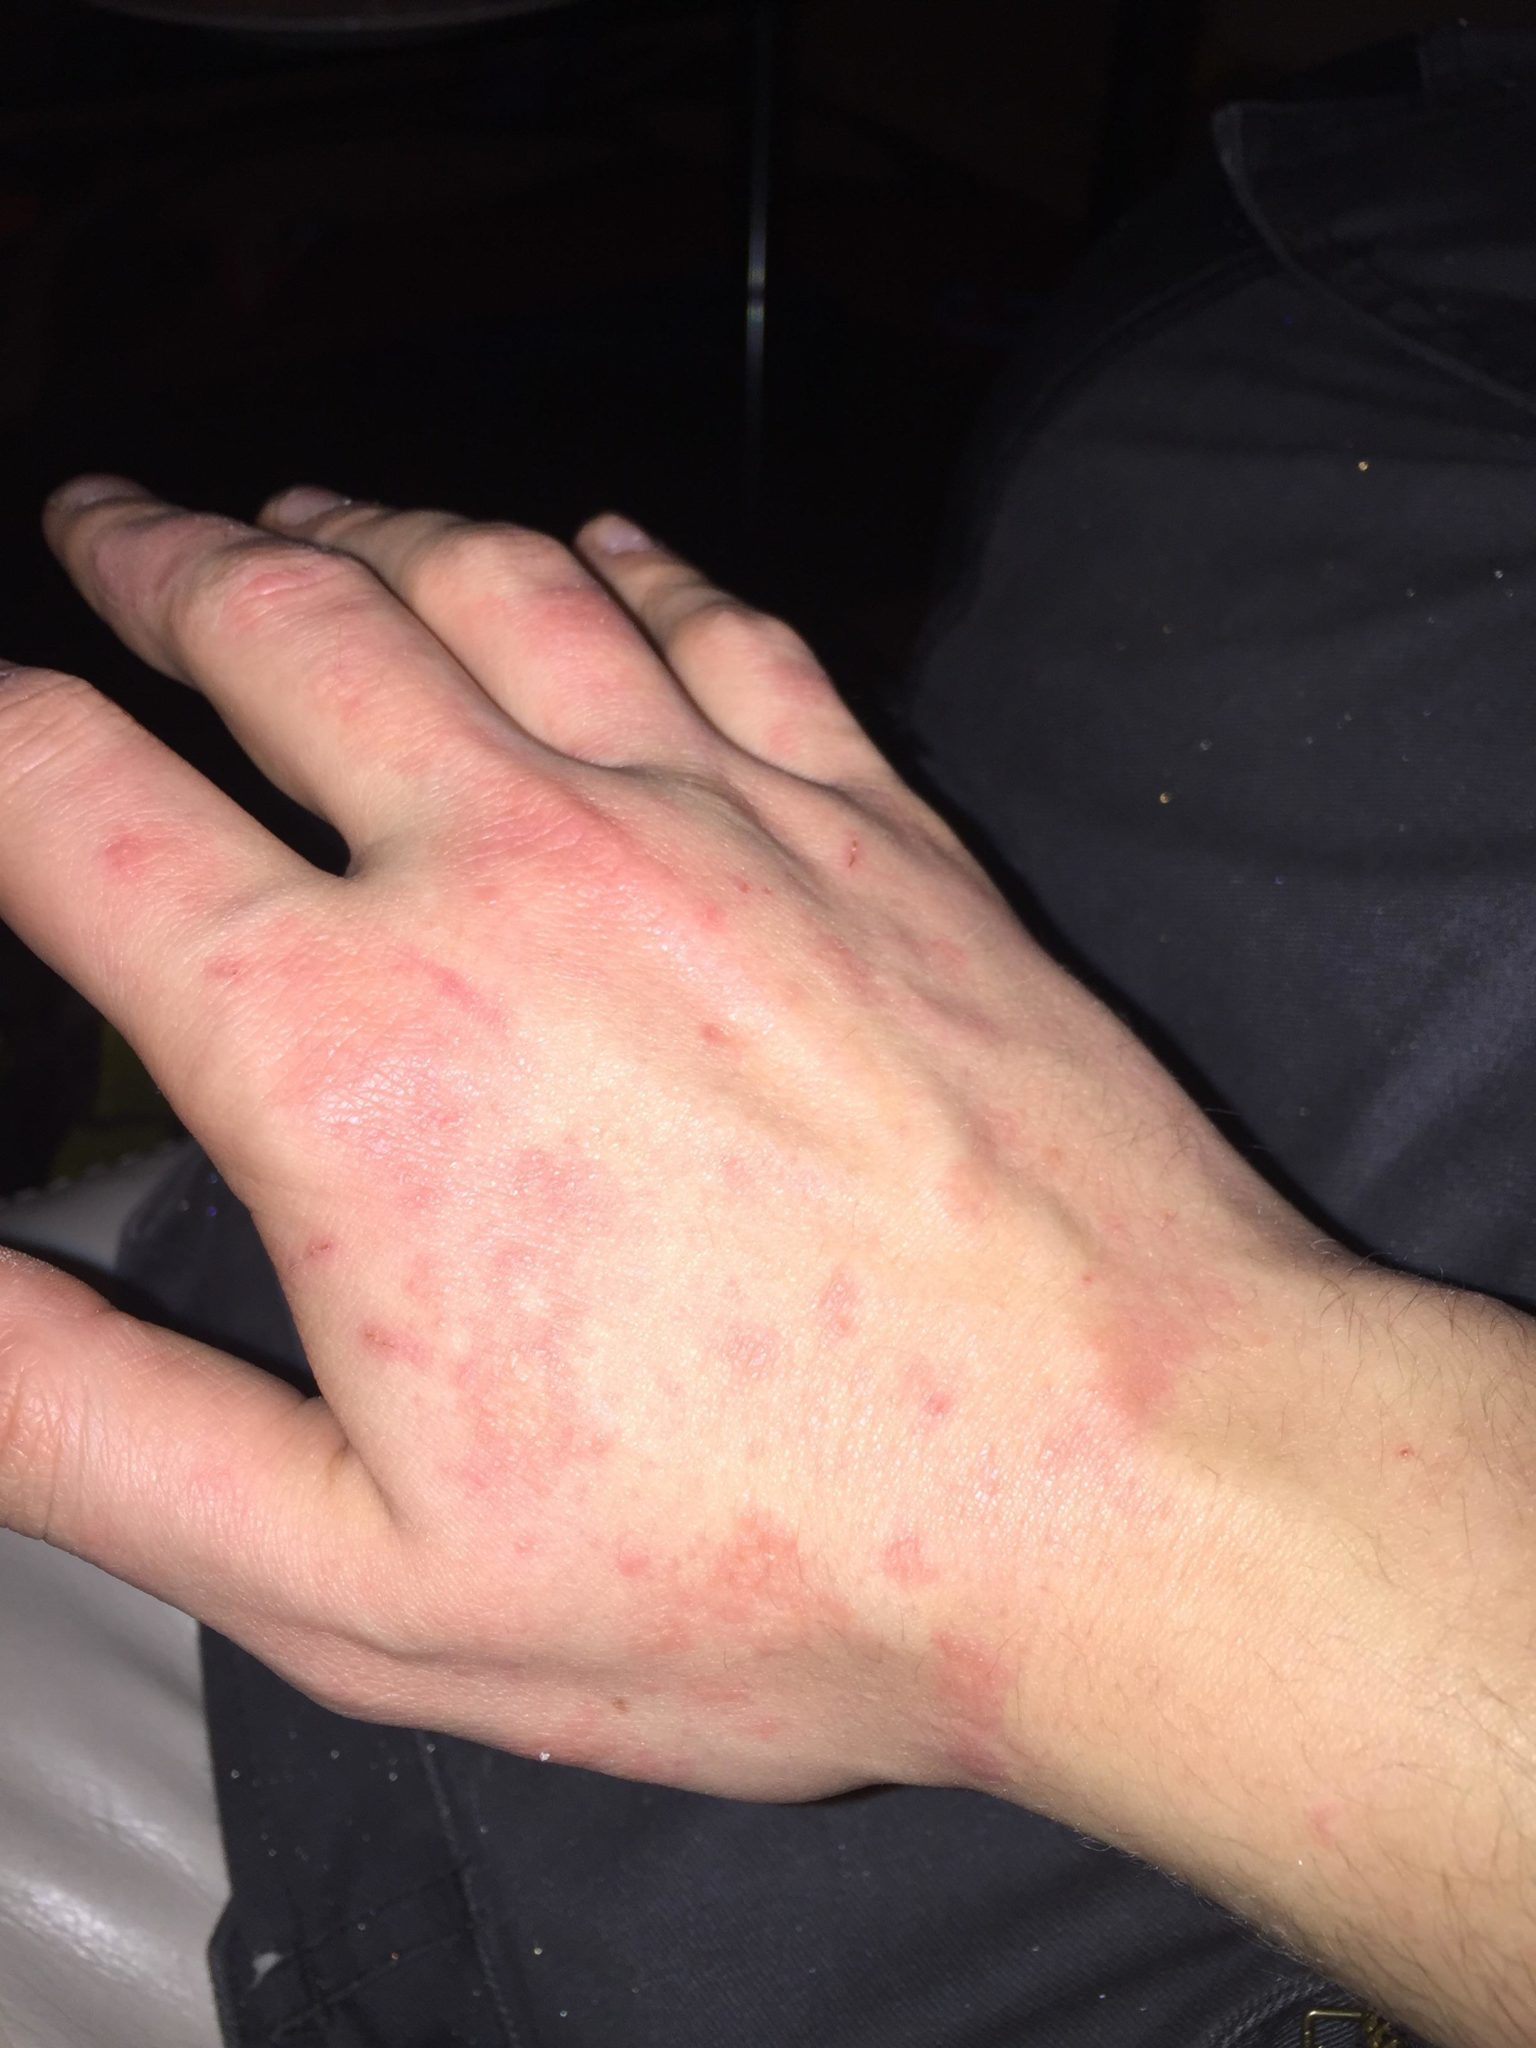 Hand & Arm Acne | Health Life Media